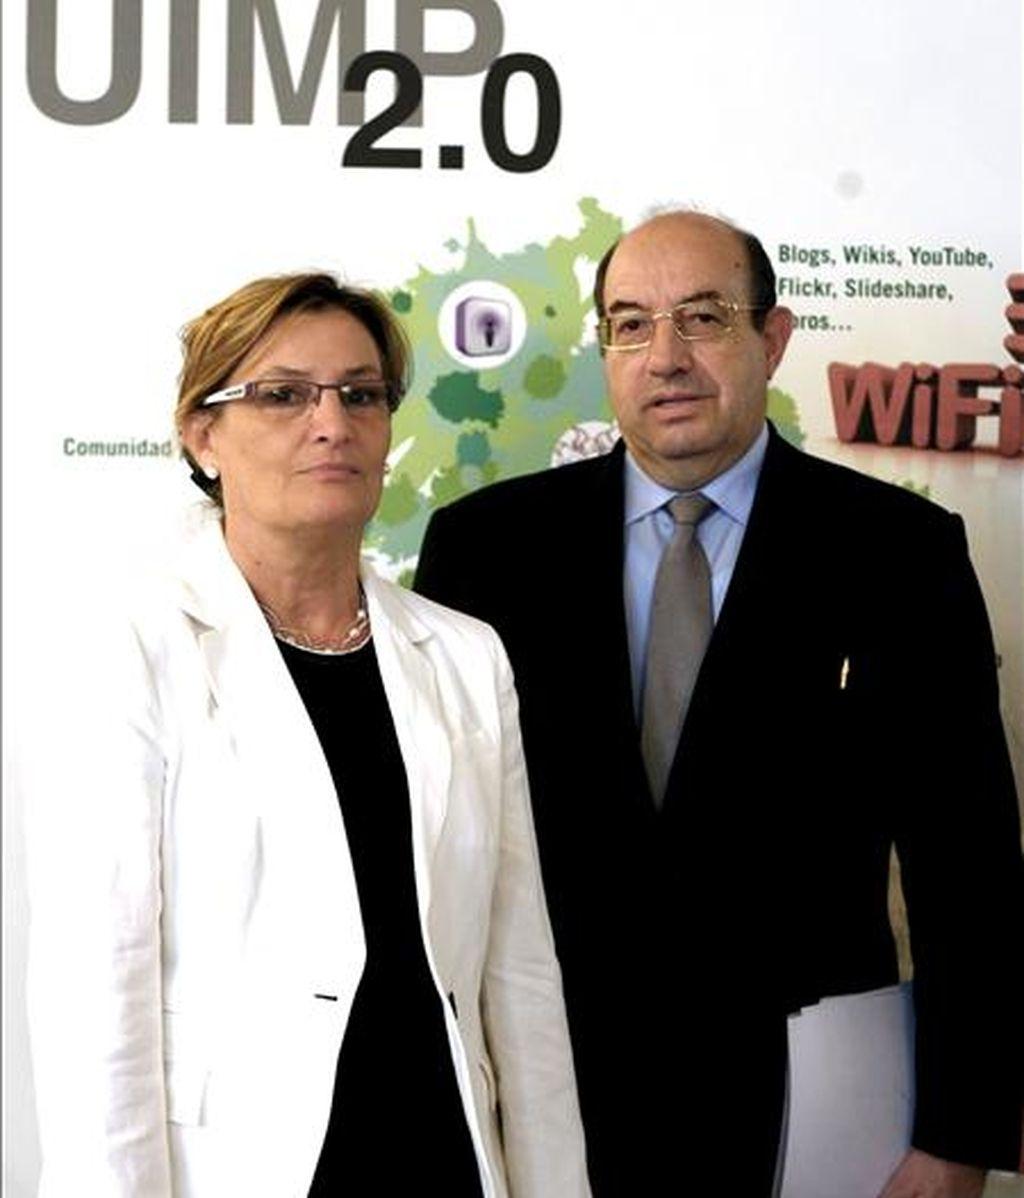 Imagen de agosto de 2008 en la que aparece el rector de la Universidad Internacional Menéndez Pelayo, Salvador Ordóñez momentos antes de la presentación la evaluación del proyecto UIMP 2.0 y su portal web.  EFE/Archivo